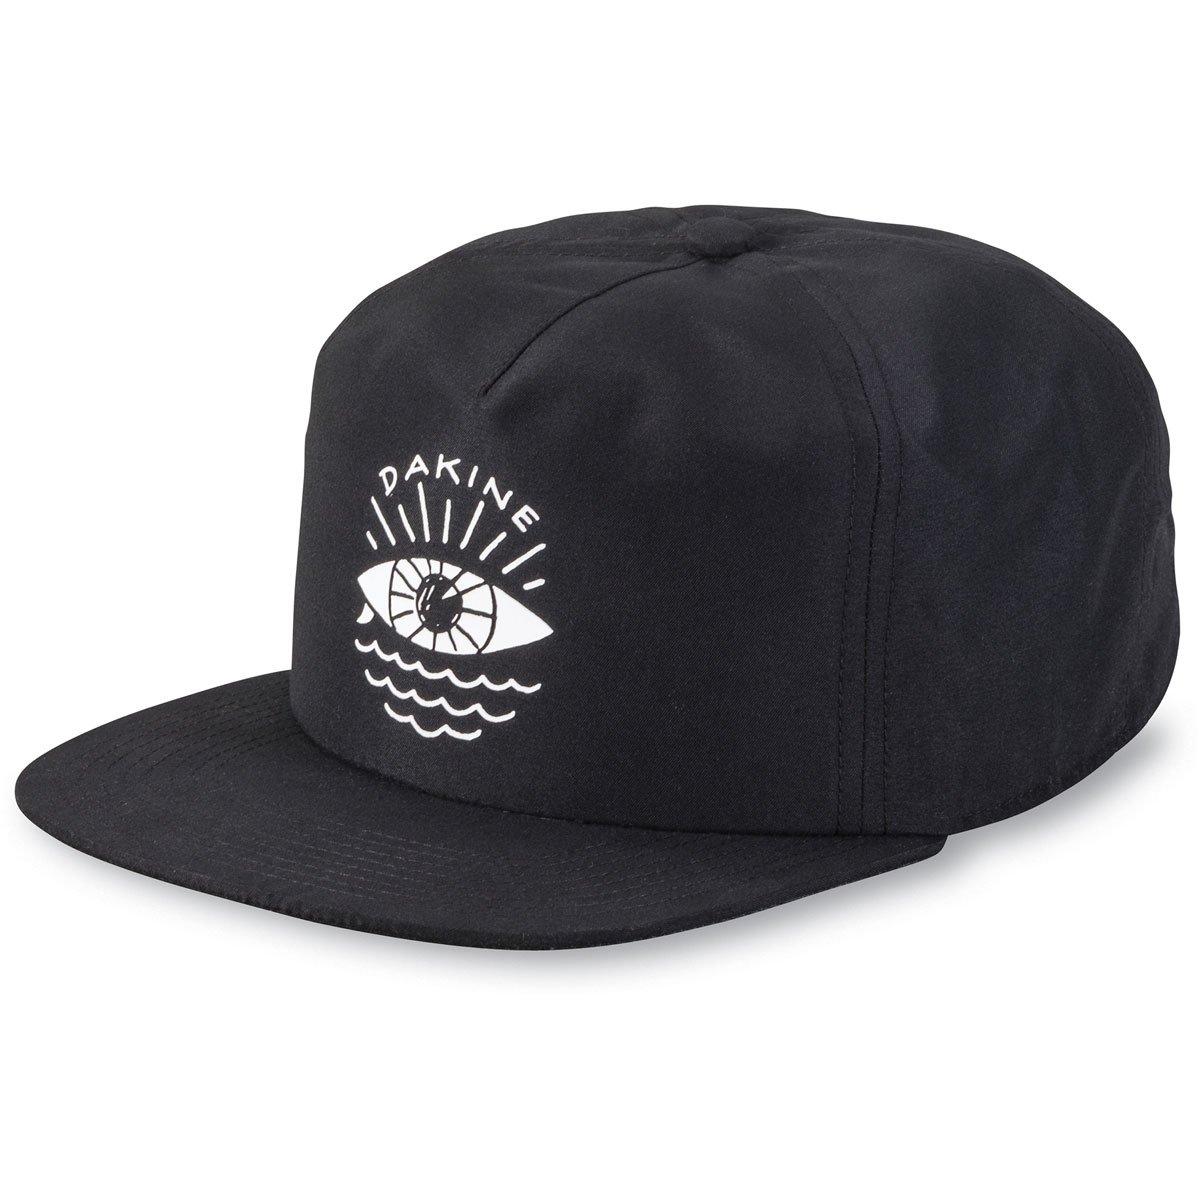 Dakine Seaboard hat